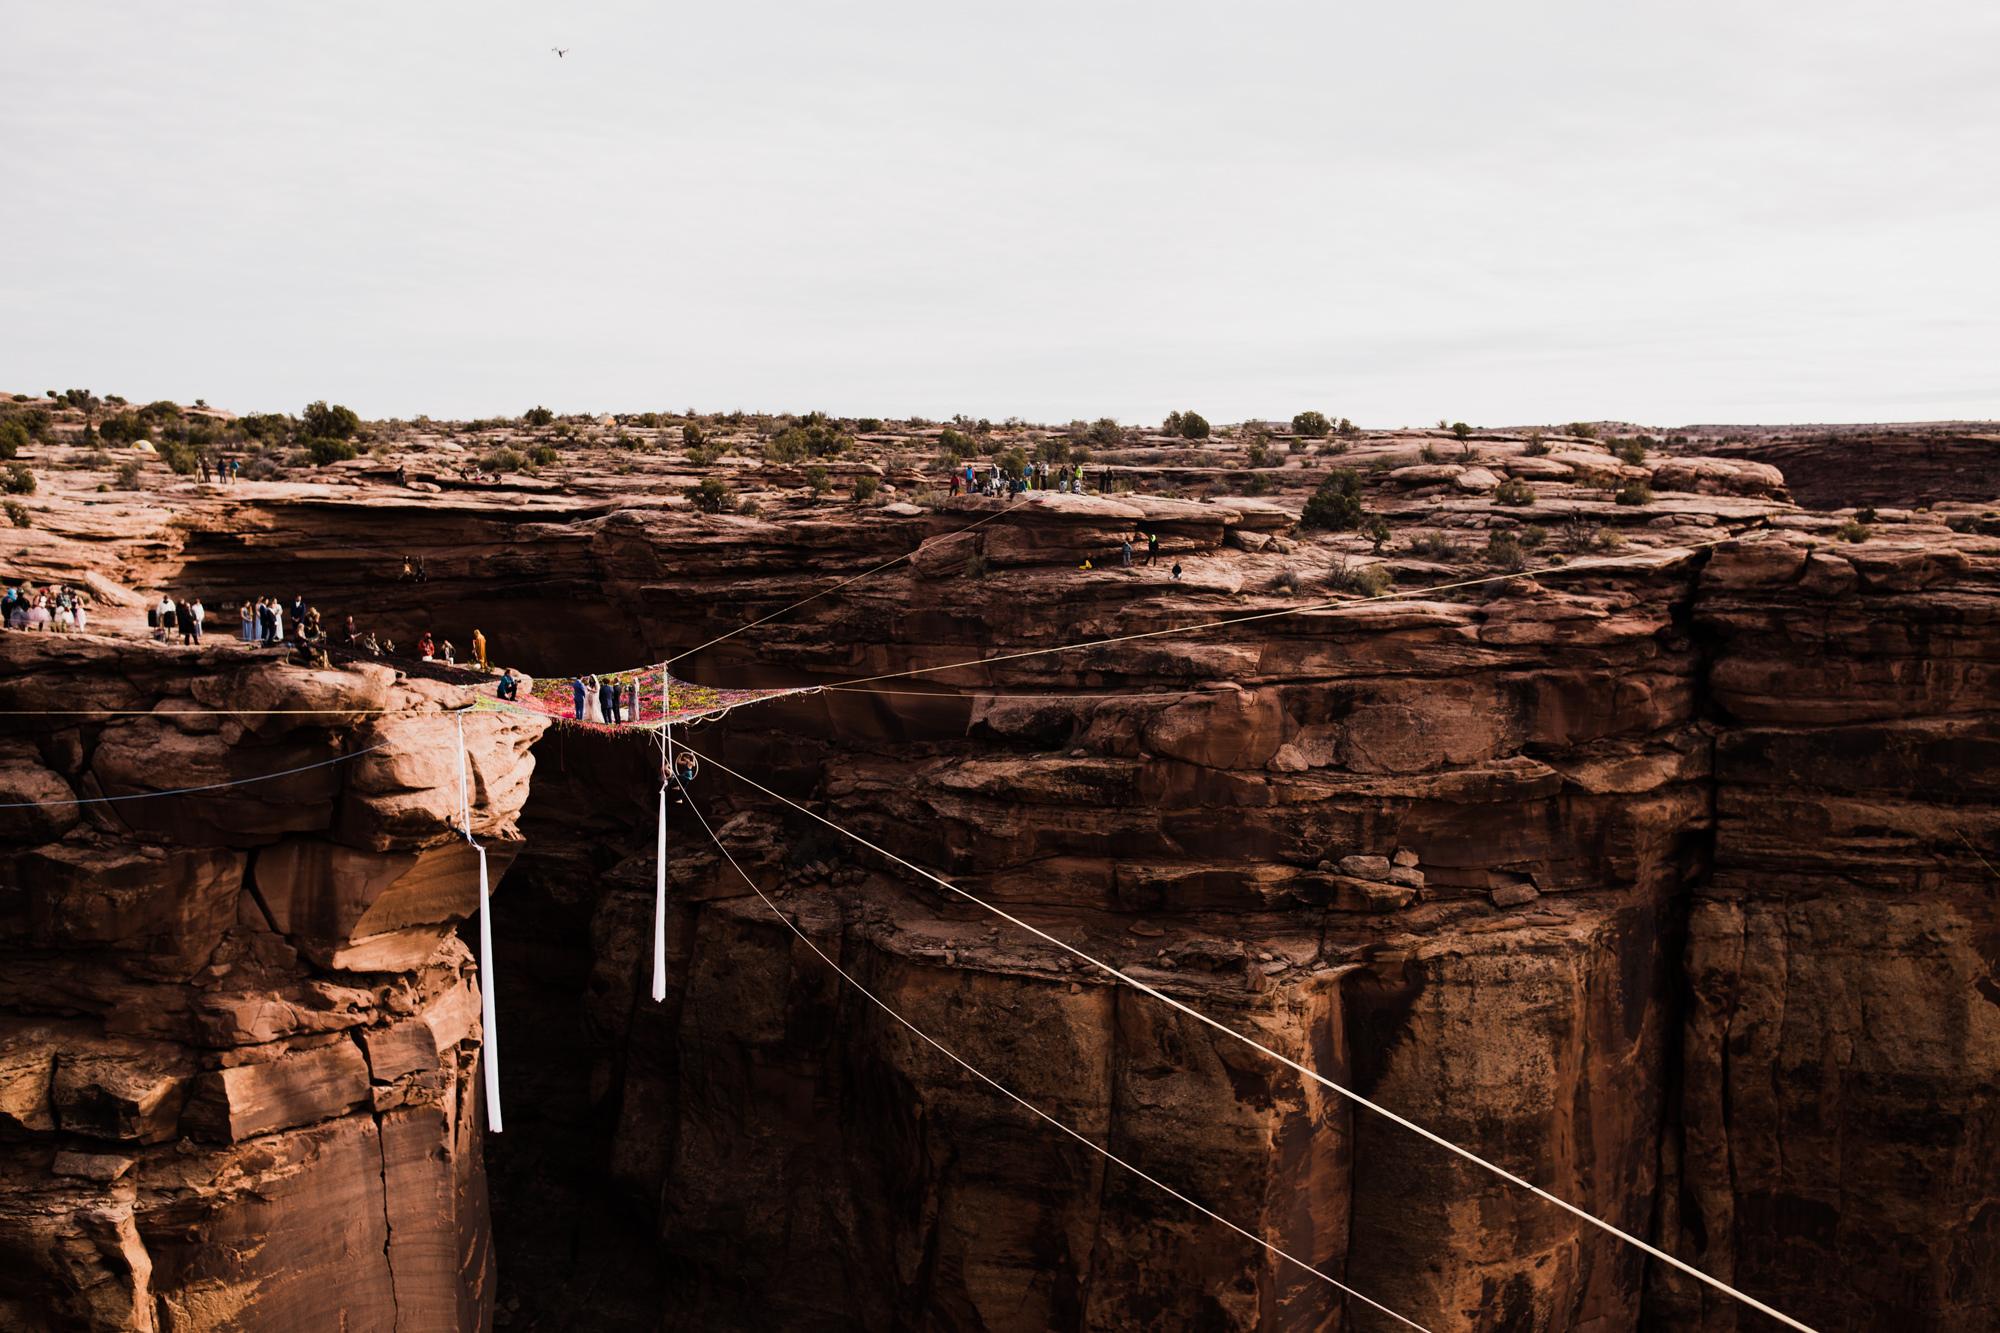 Cerimõnia de casamento realizada a mais de 120 metros de altura em Utah, Estados Unidos